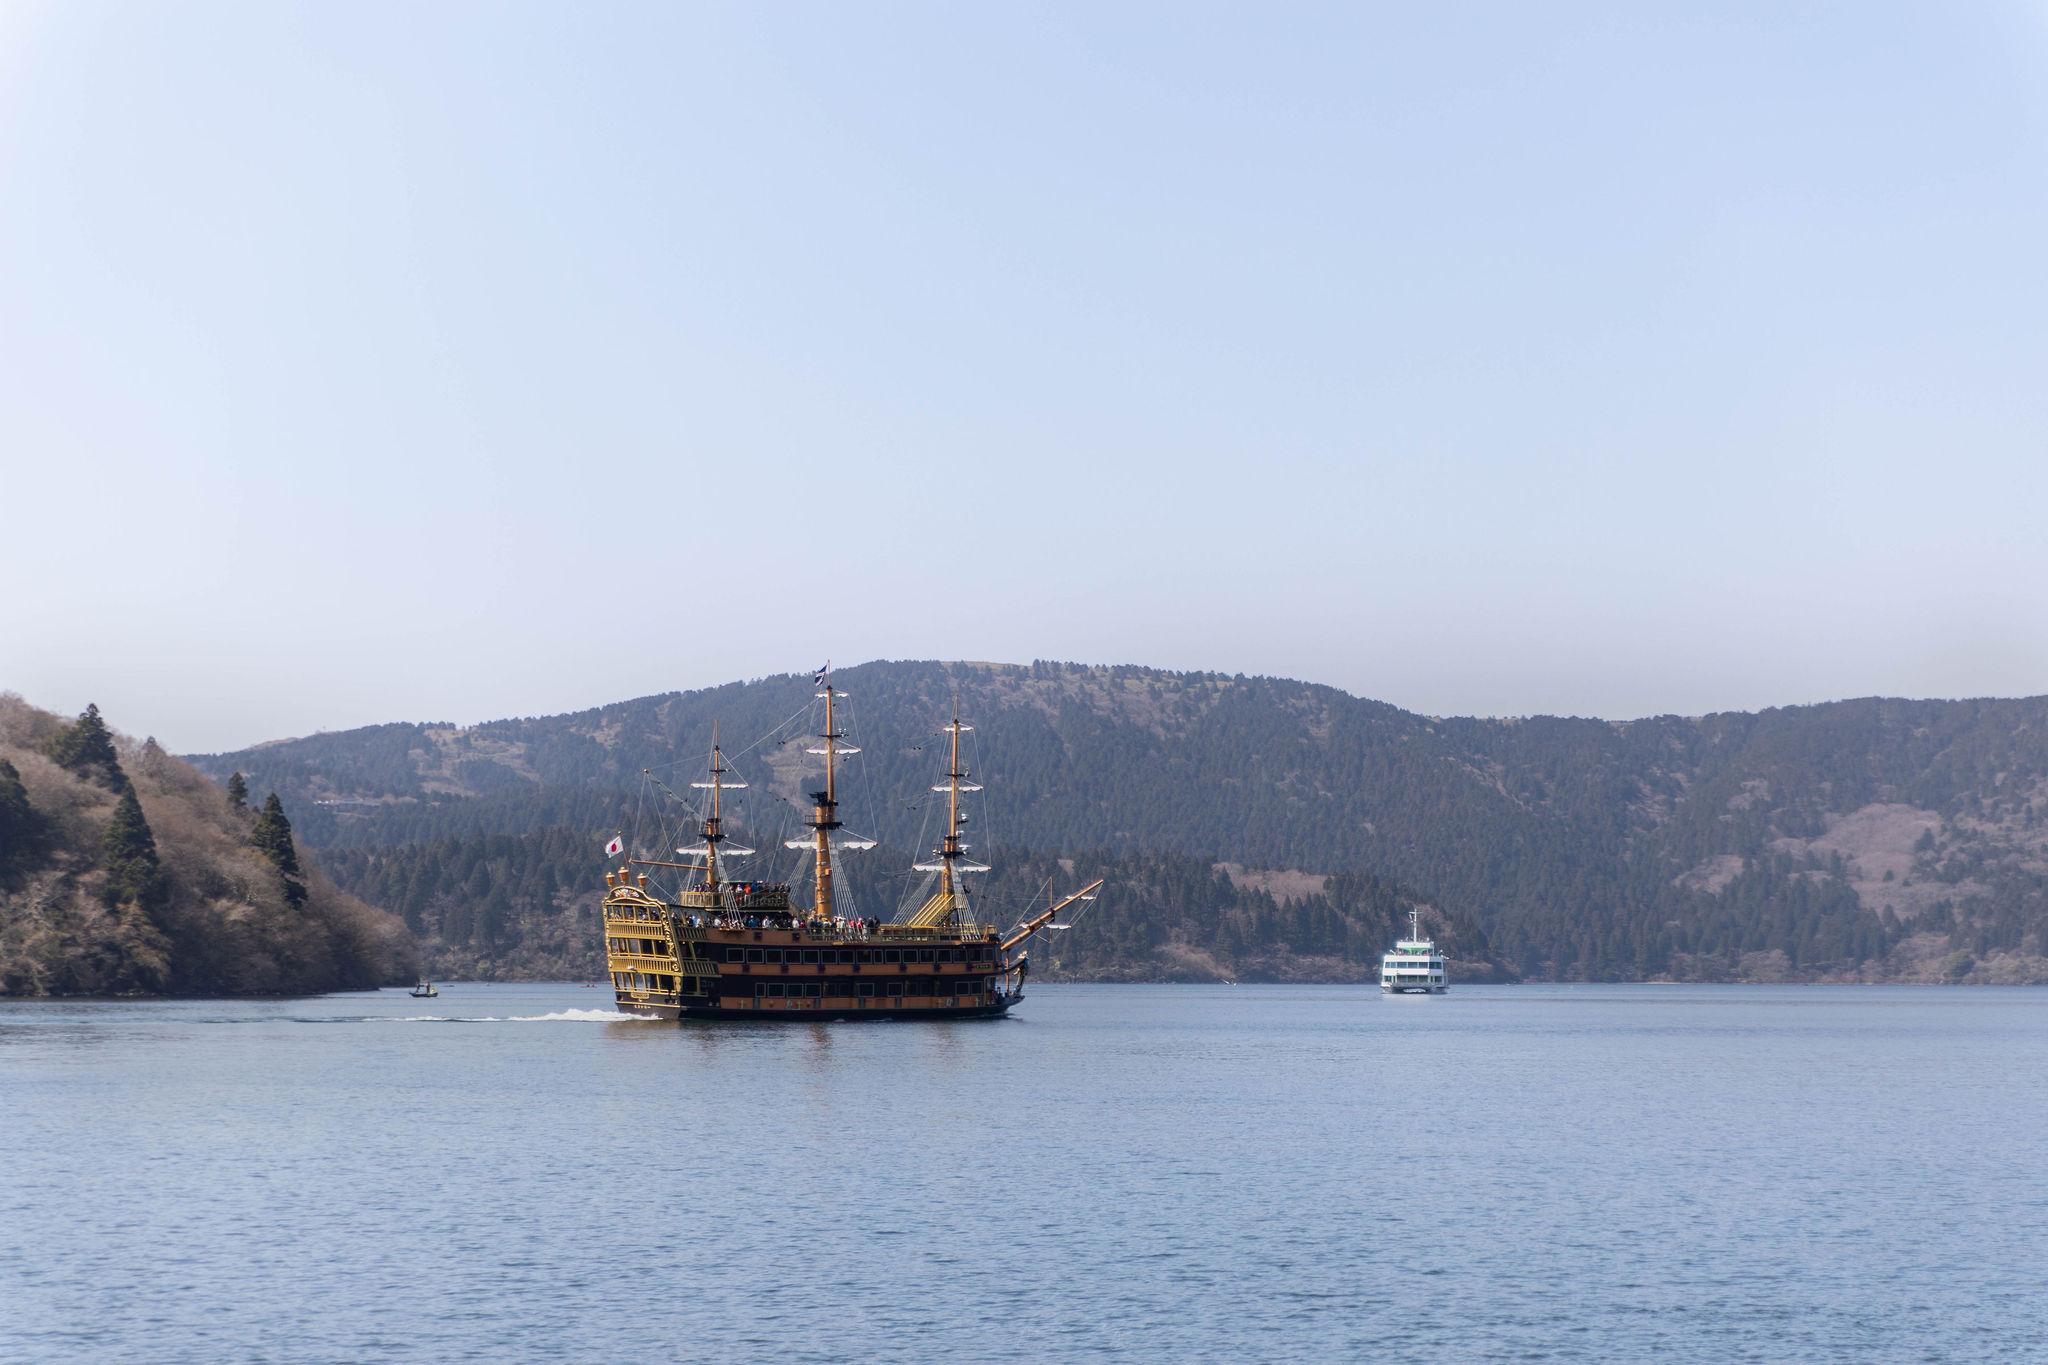 Hakone Japan Pirate Ship Ride Around Lake Ashi